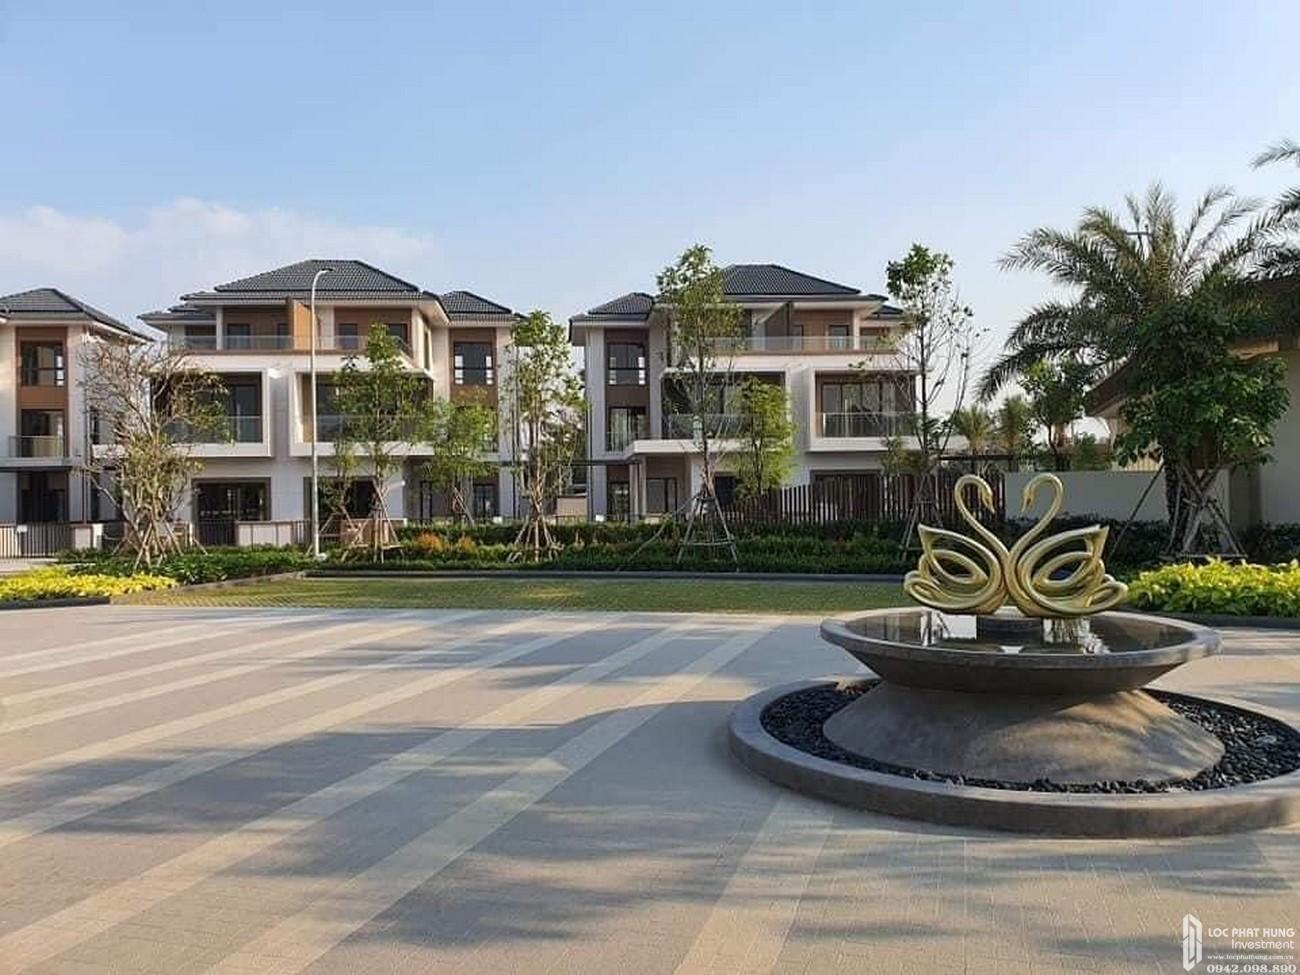 Tiến độ dự án Nhà Phố biệt thự Swan Bay Nhơn Trạch 11/05/2020 Đường Đại Phước chủ đầu tư CFLD